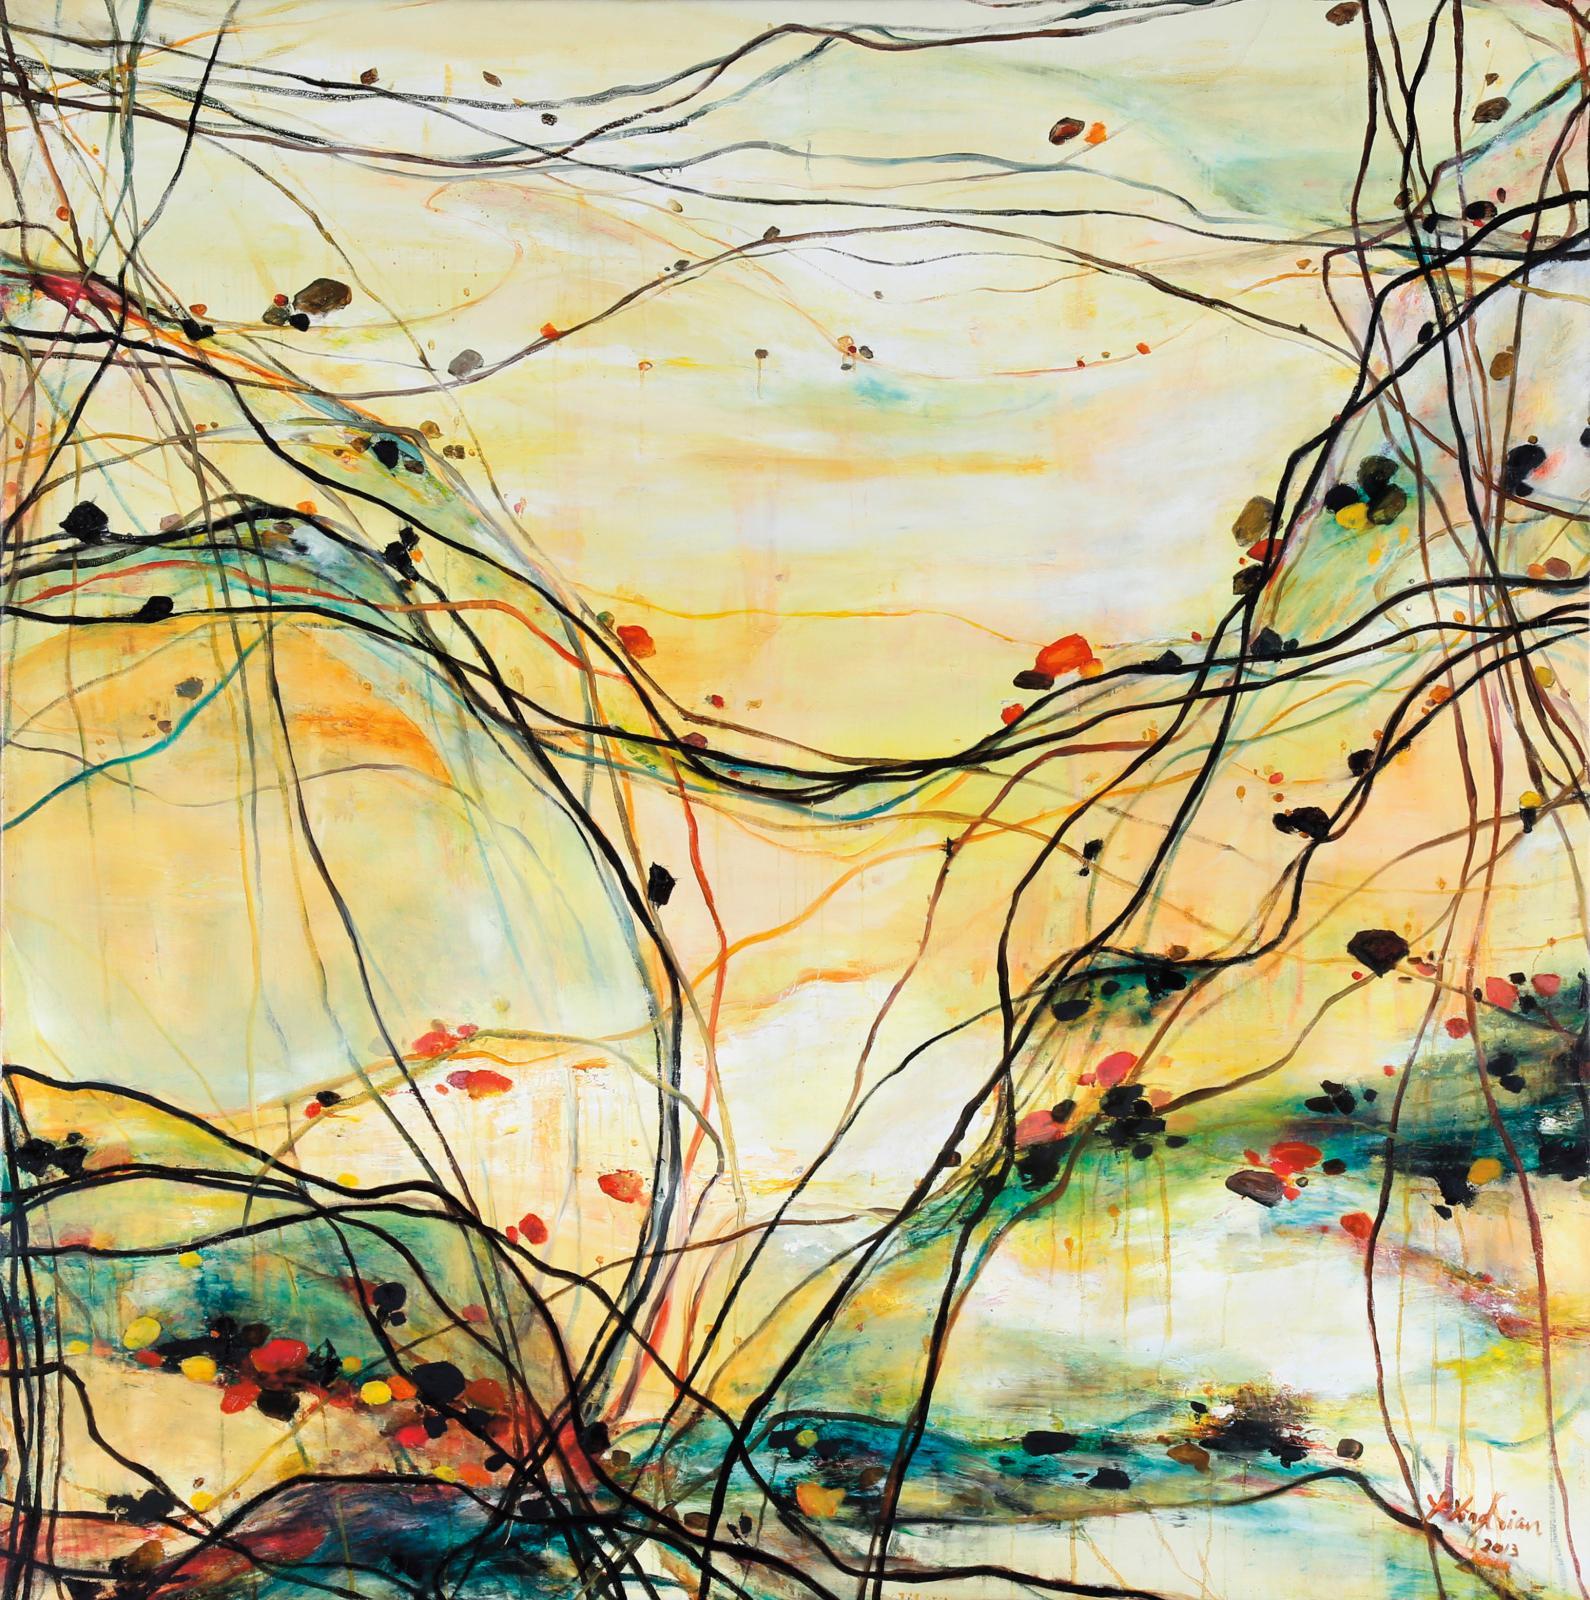 La Vie, 2013, huile sur toile, 175 x 175 cm.